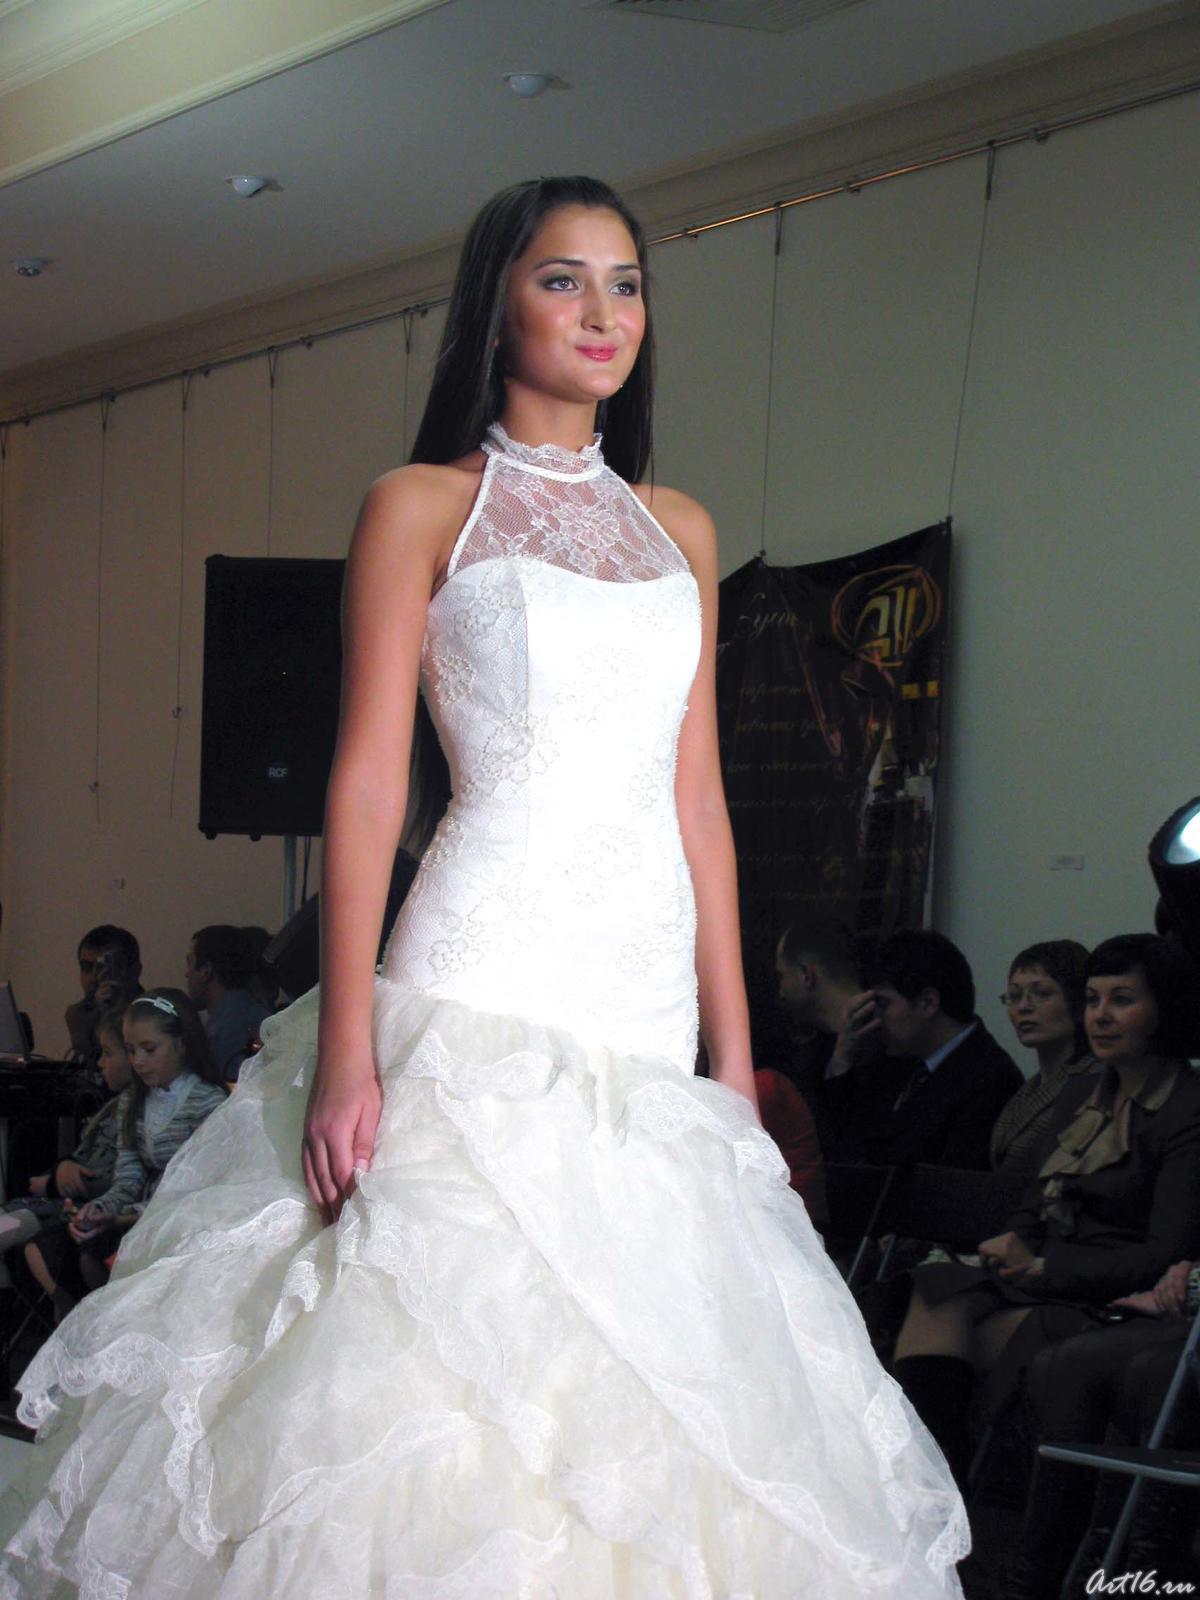 Фото №21535. Дефиле в свадебных платьях _1006